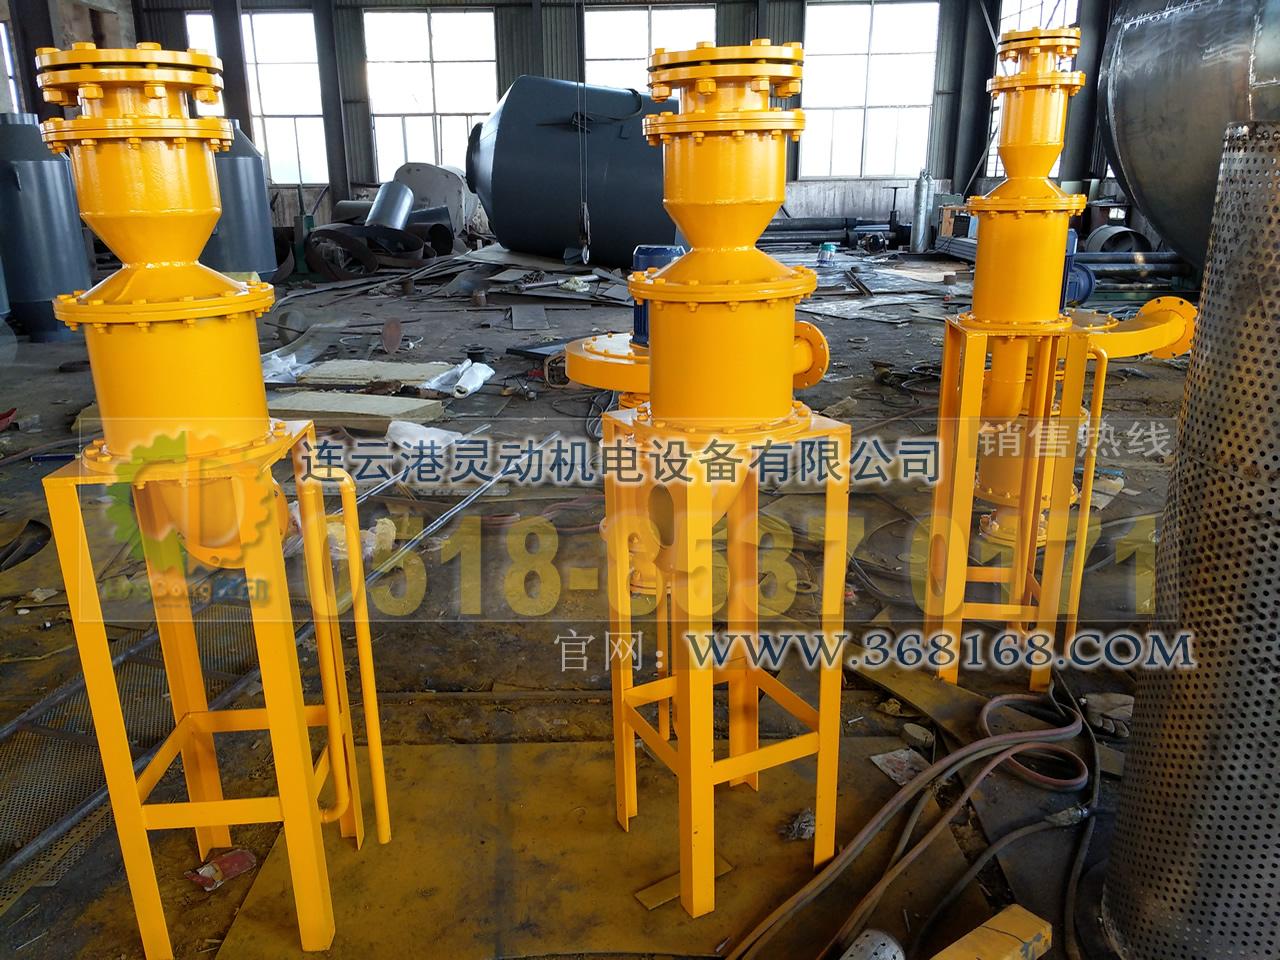 排油烟装置制造,汽轮机排油烟装置厂家,主油箱排油烟装置生产厂家